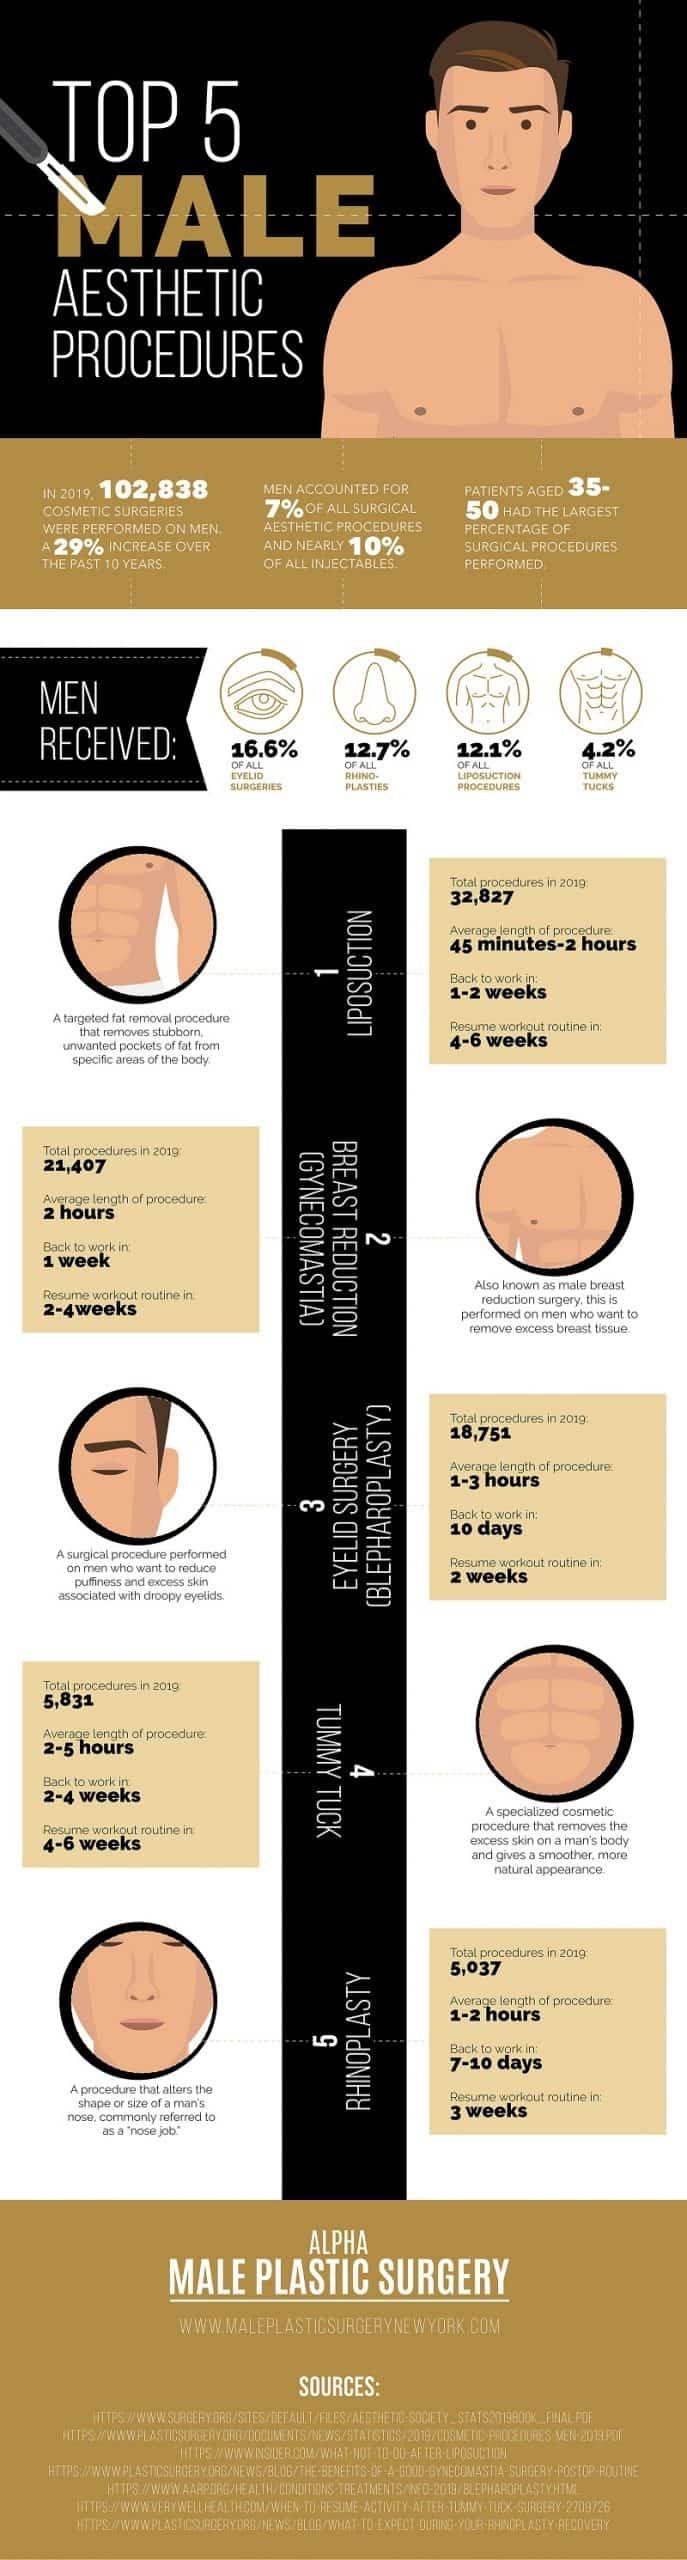 Top 5 Male Aesthetic Procedures